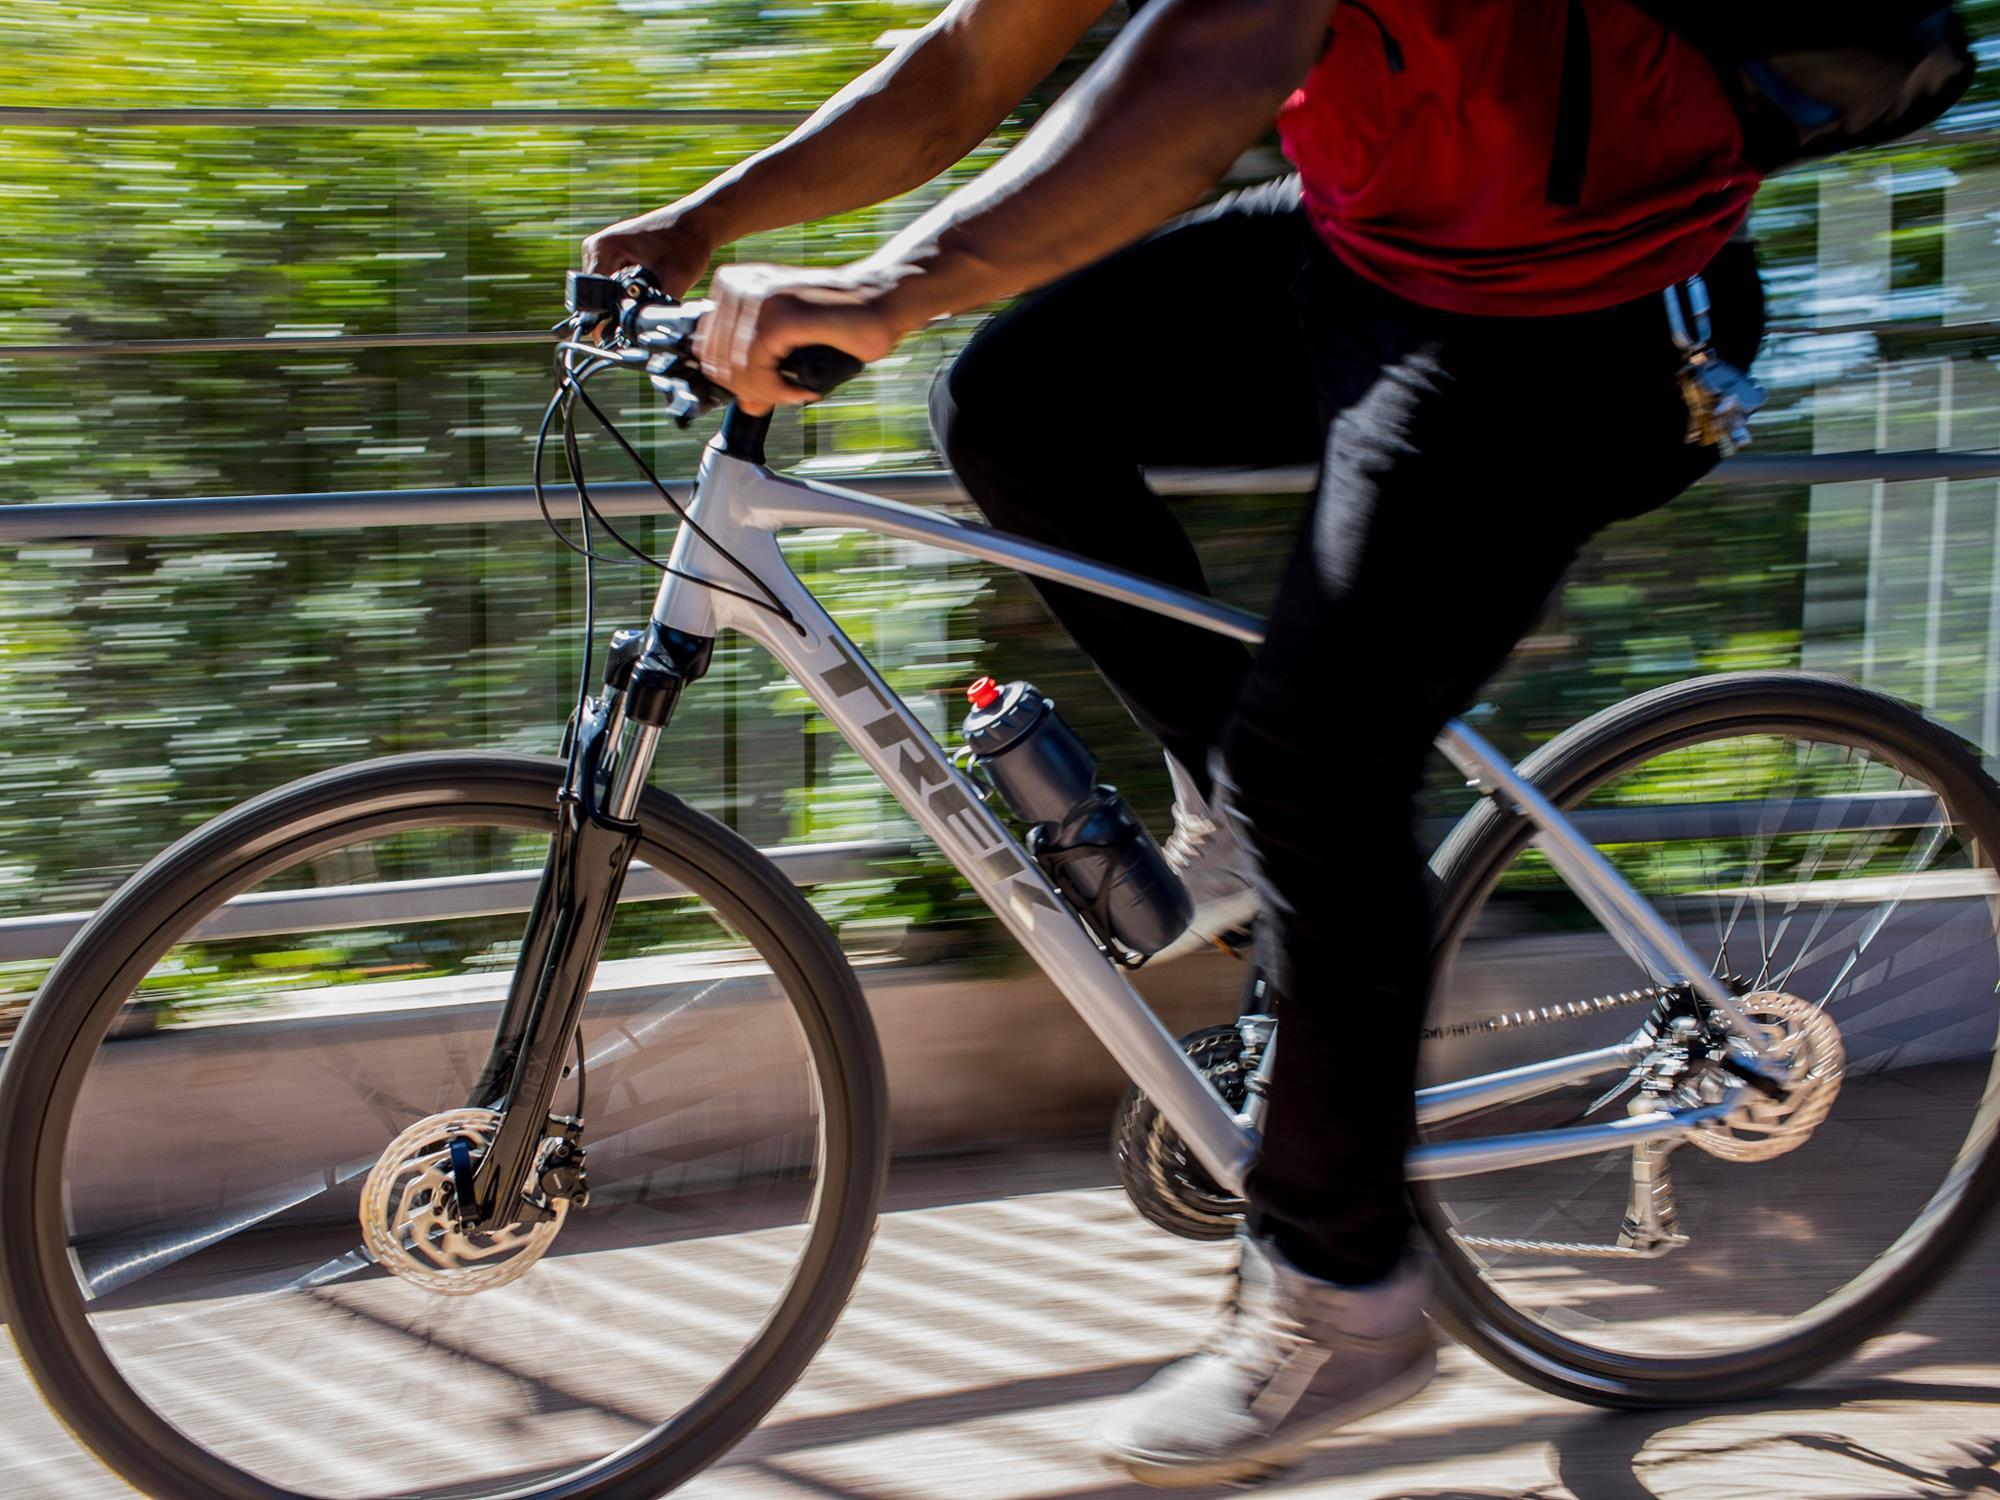 ★新型「DUAL SPORT」★いろんな道を楽しく走れるクロスバイク!神戸六甲店に続々入荷中!